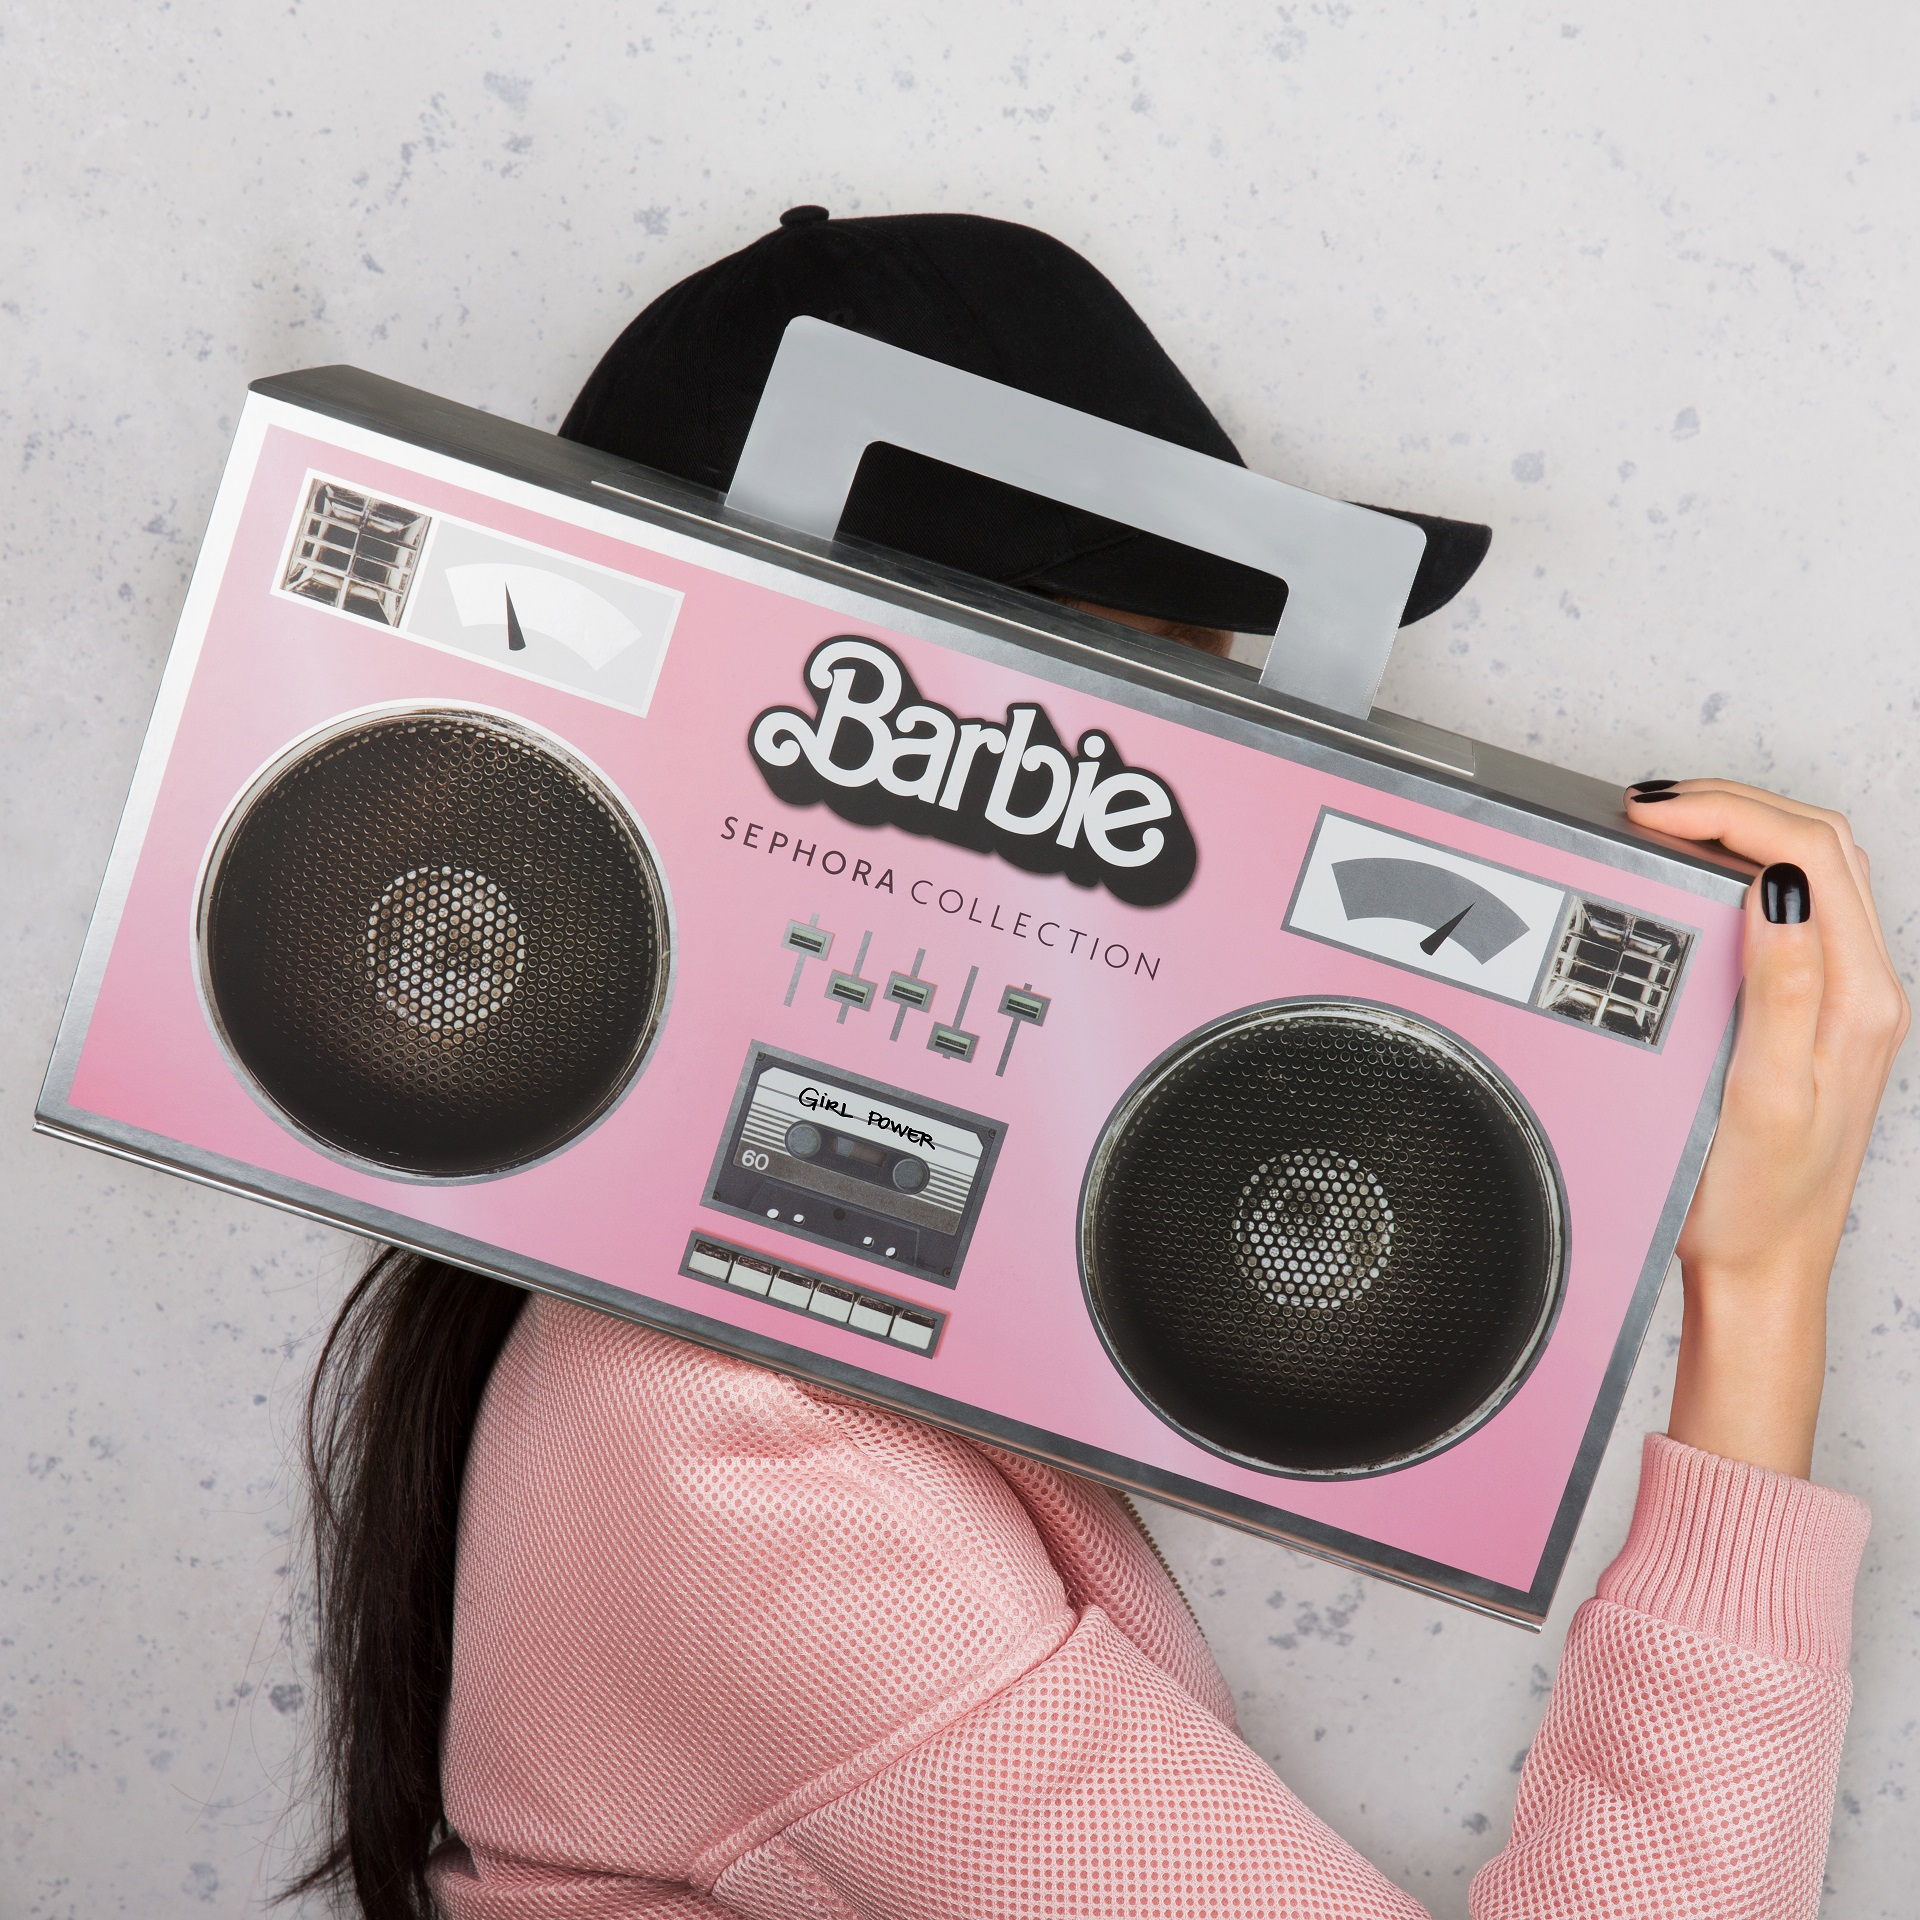 Sephora Collection x Barbie, il nuovo cofanetto in edizione limitata - Review, recensione, info, prezzo, dove acquistare